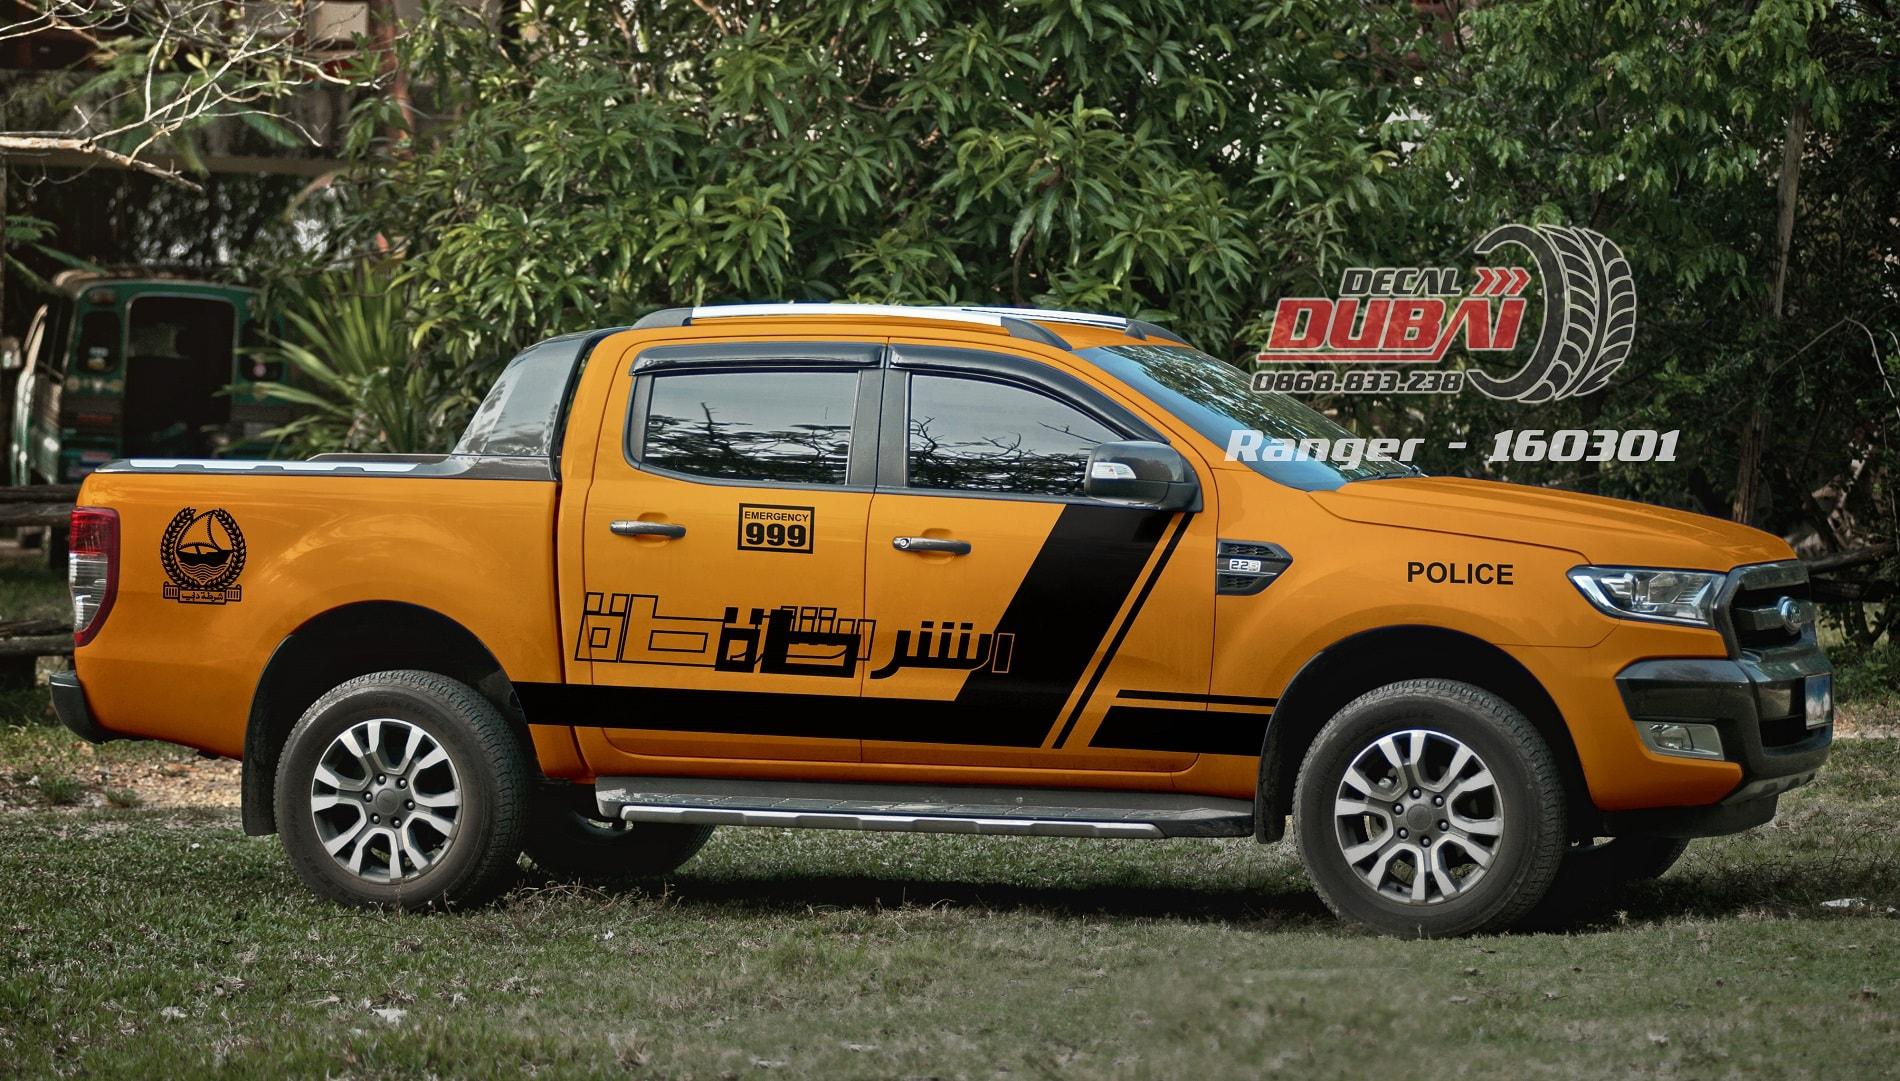 Tem-xe-ranger-3-160301-1650k-min